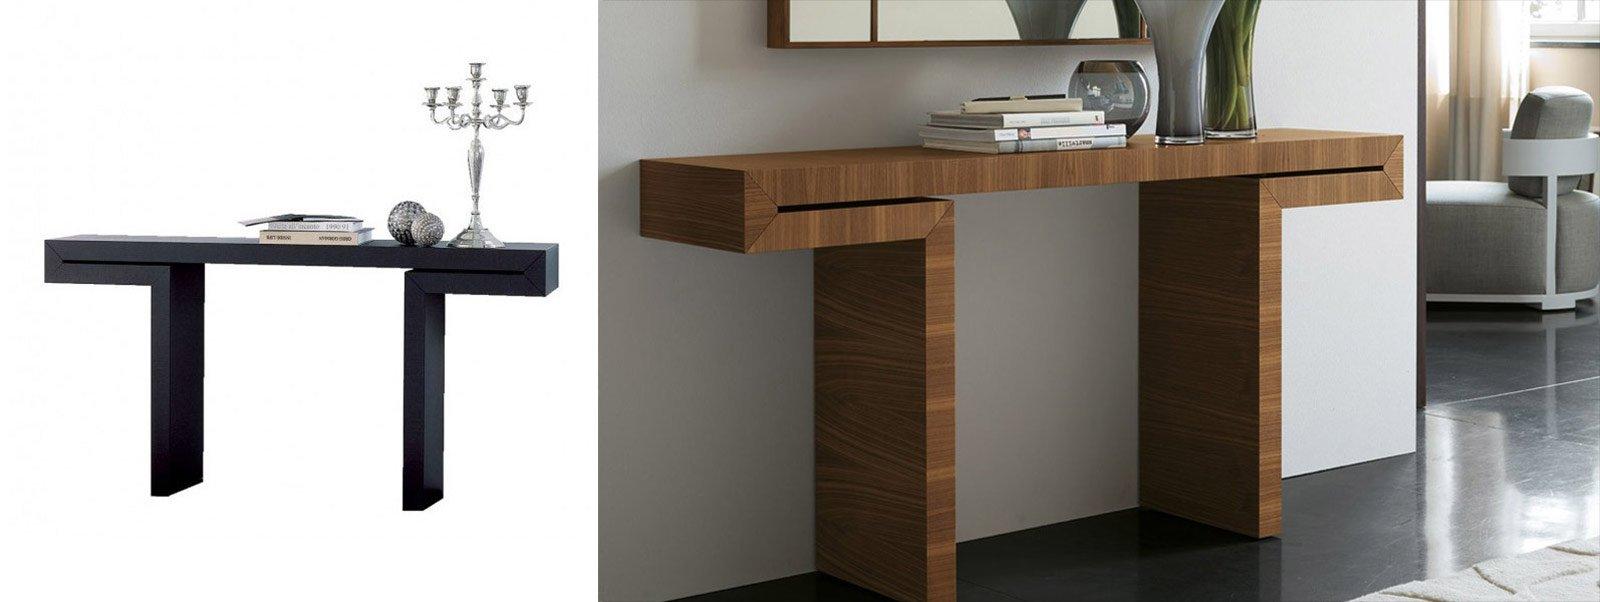 Console per sfruttare bene lo spazio cose di casa for Mobile per console